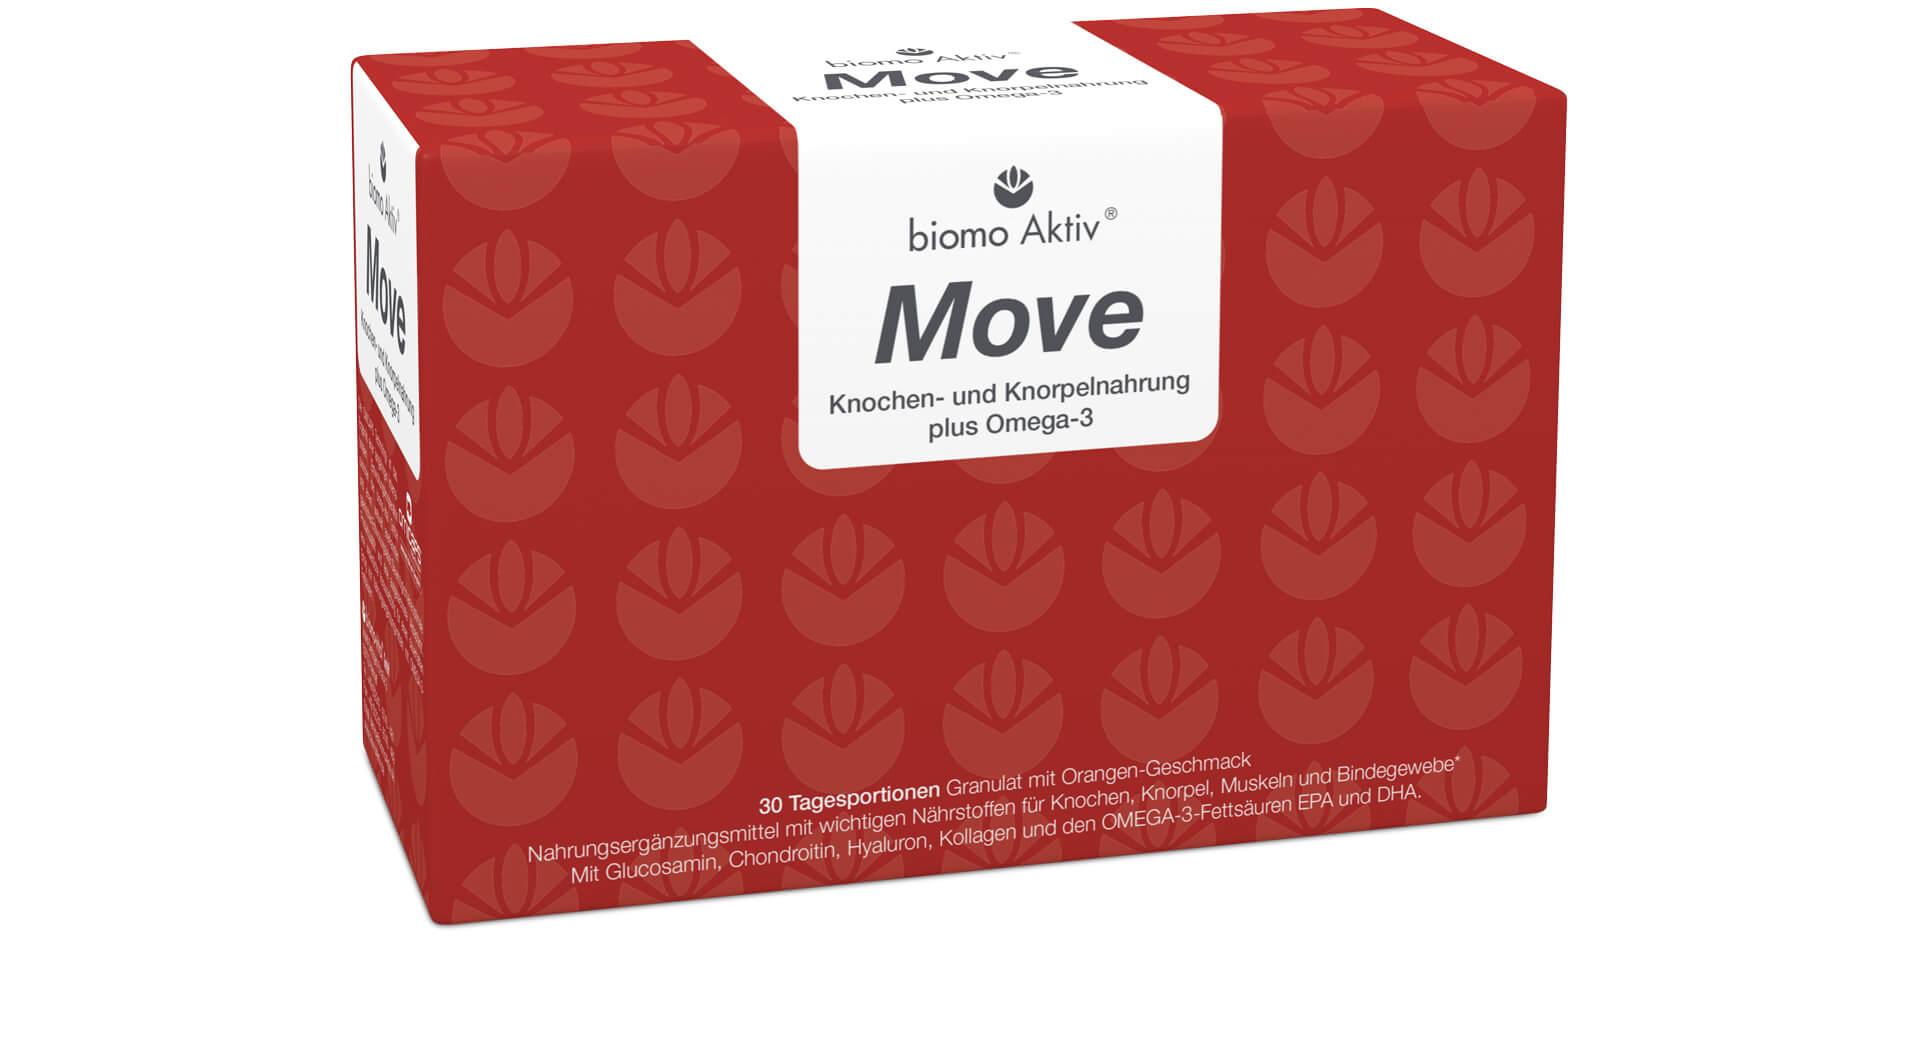 biomo Aktiv Move